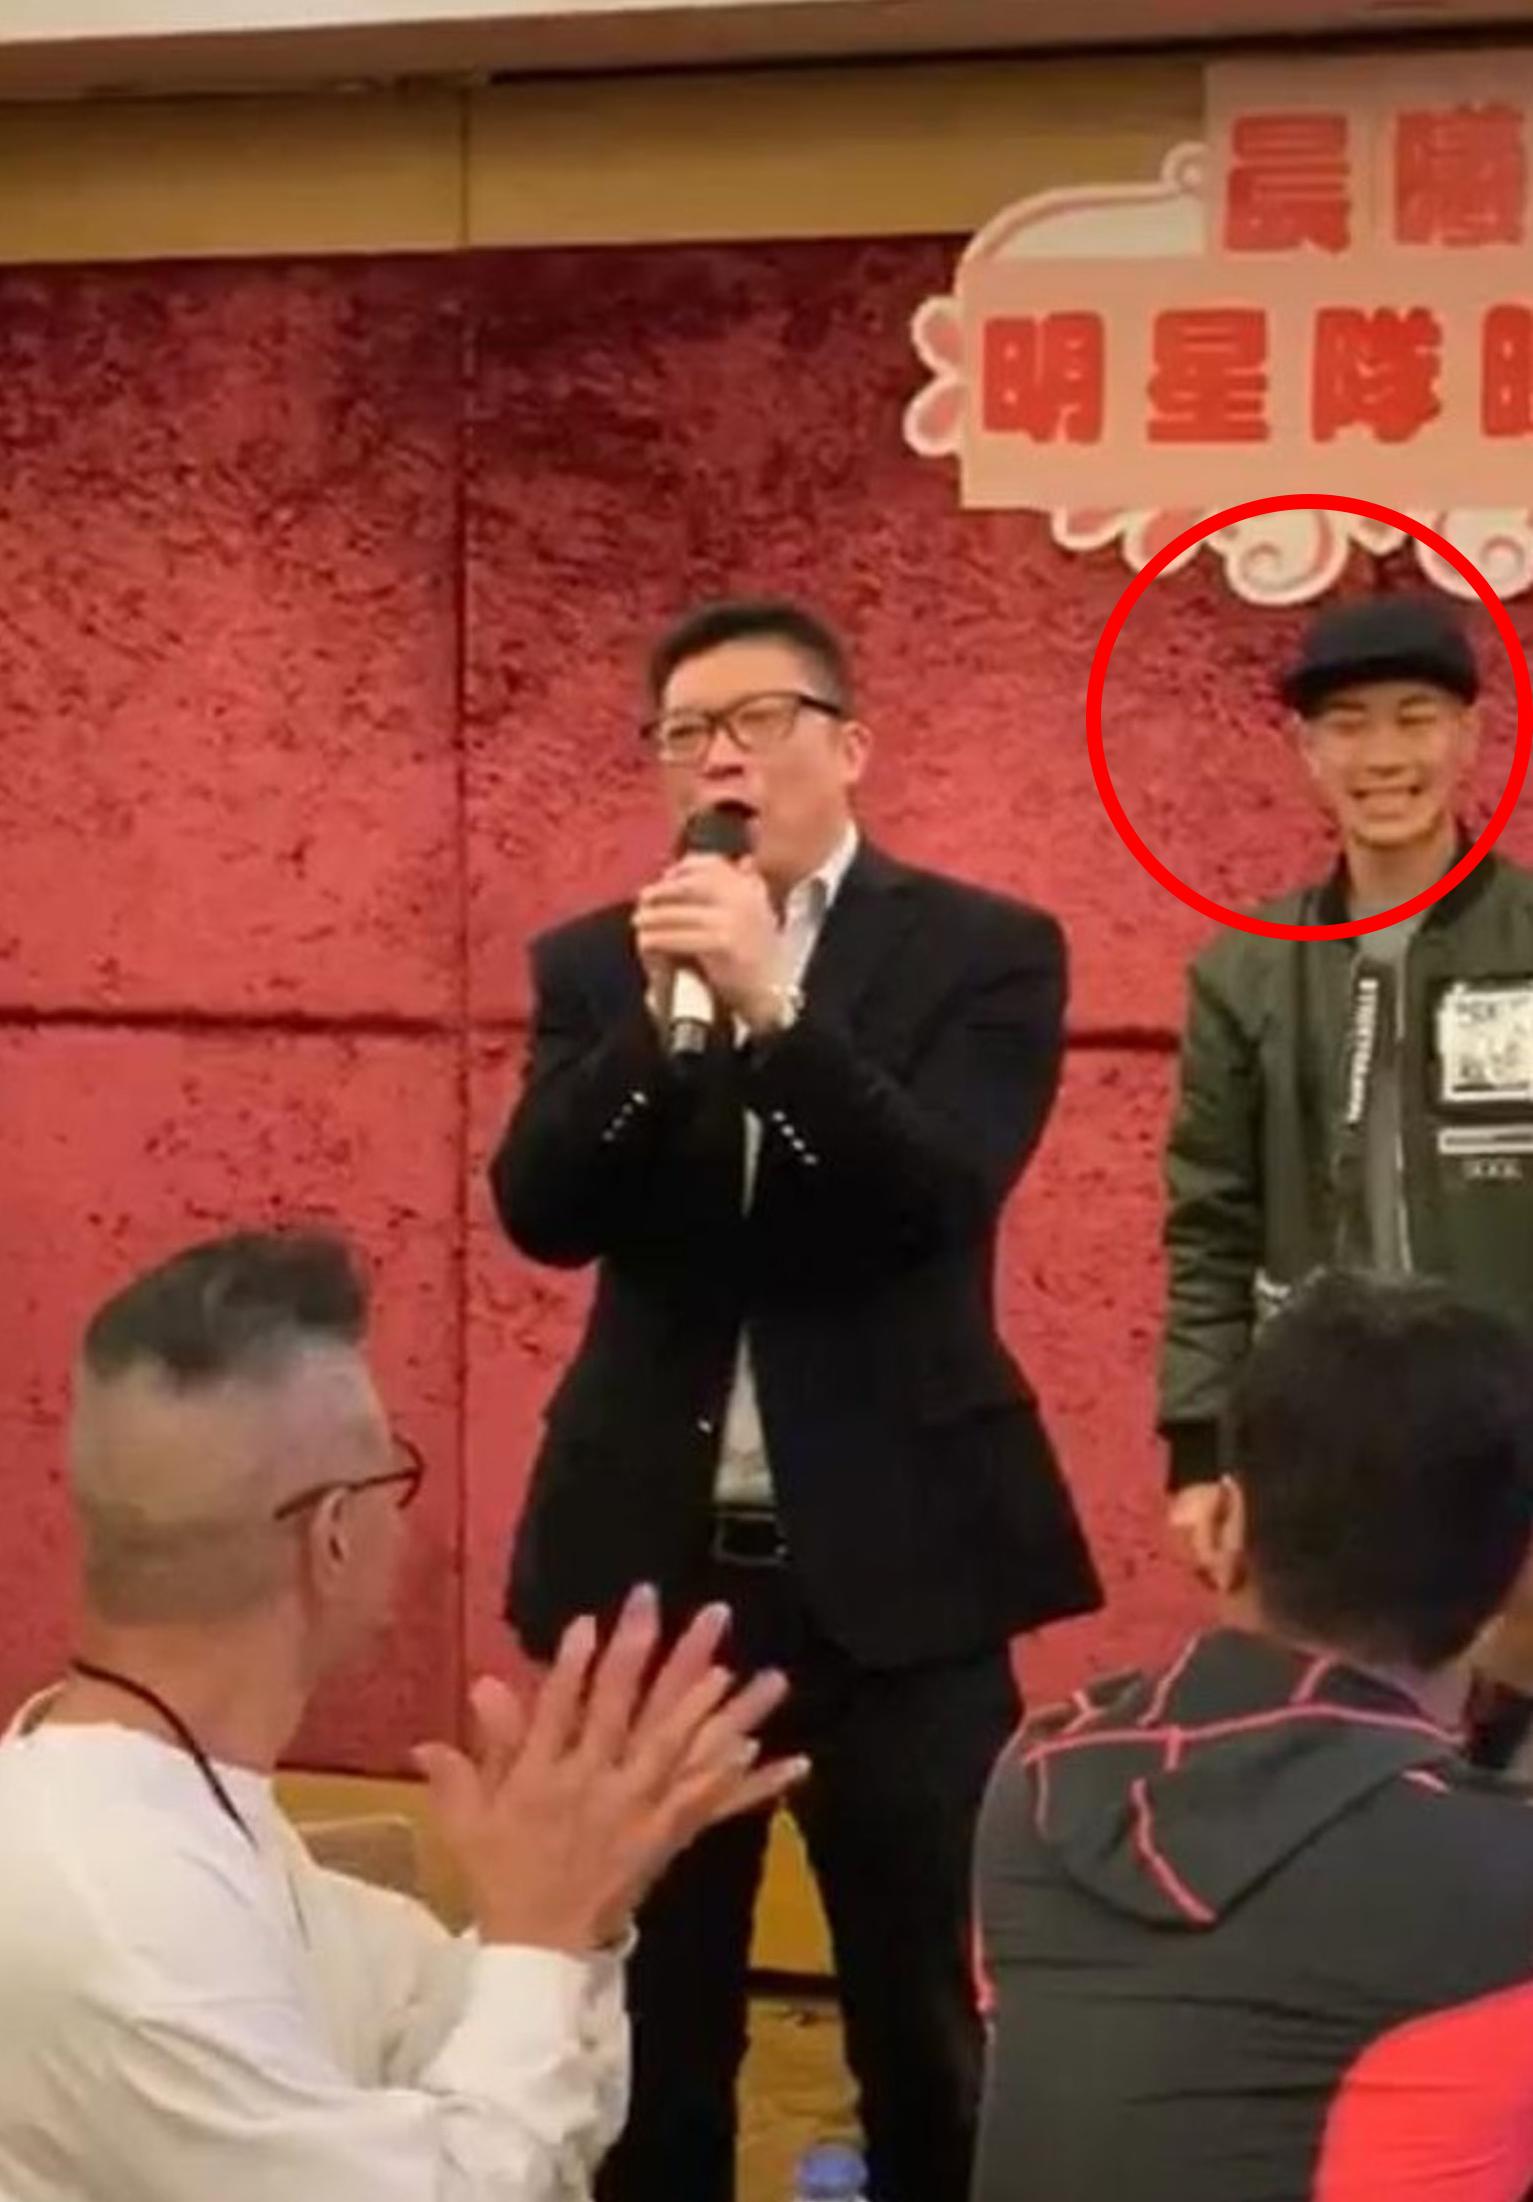 羅鈞滿有份出席警隊明星飯局 網民灌爆IG:你個CSI口罩點嚟?